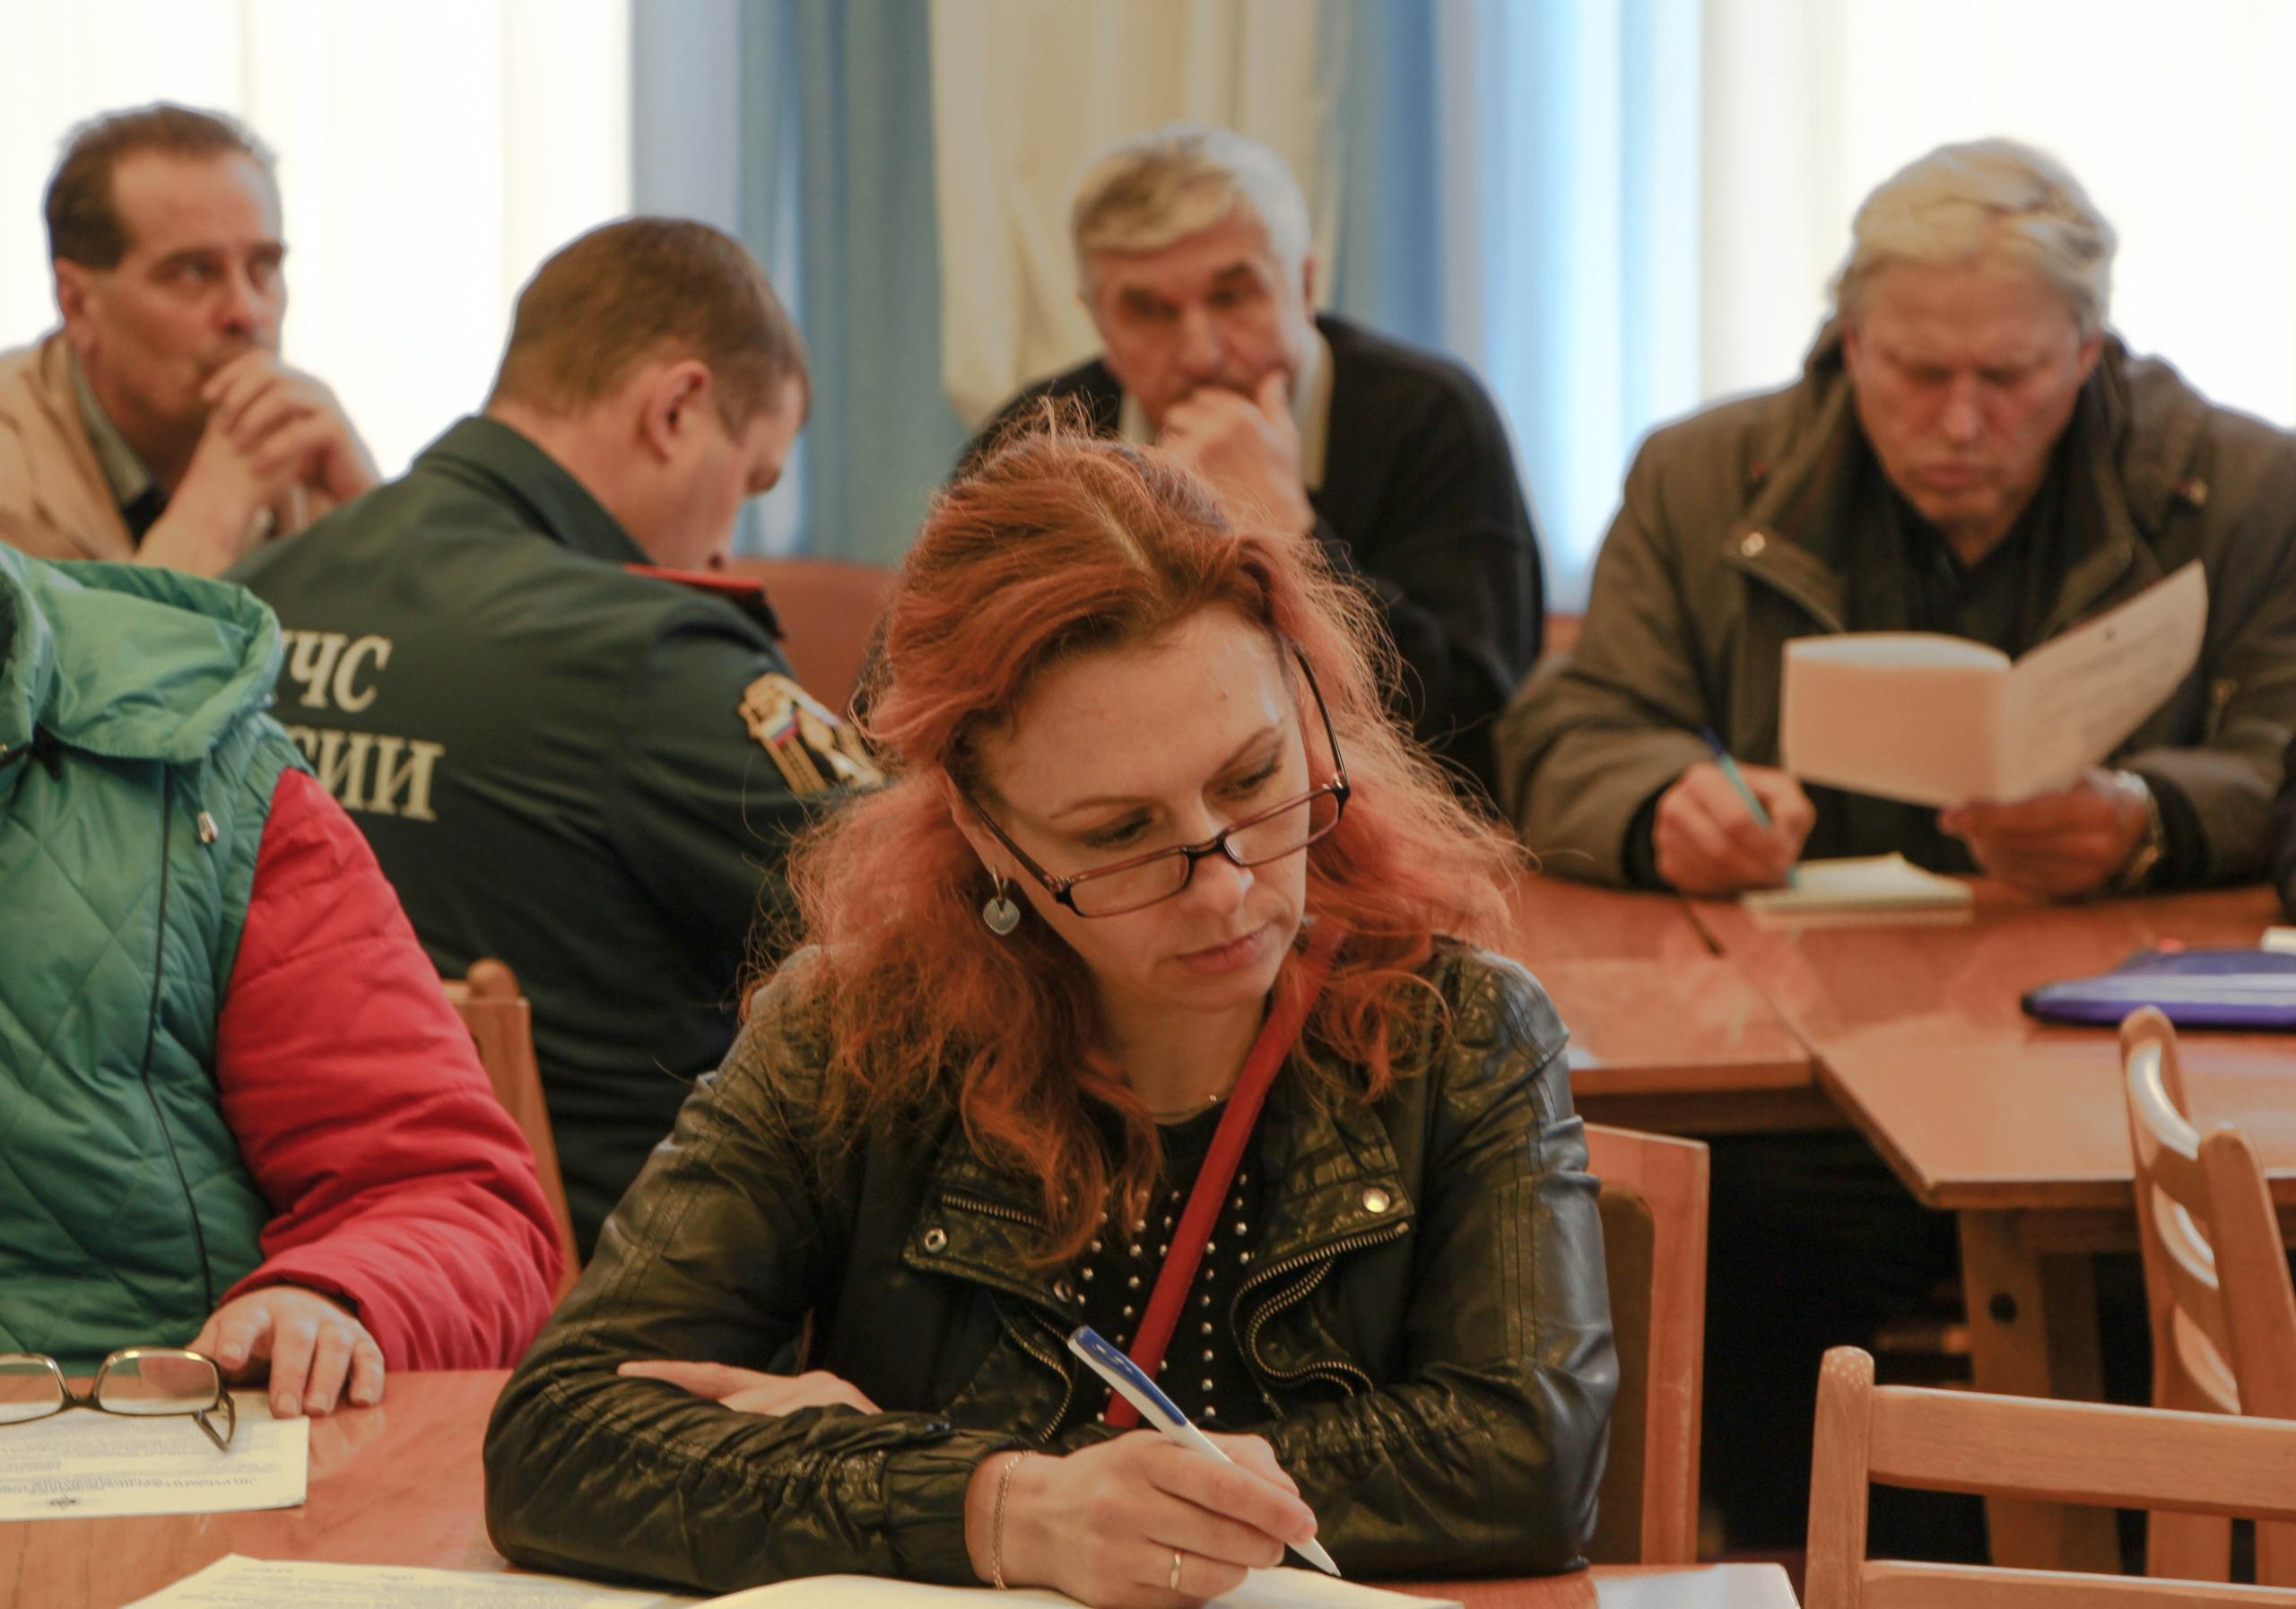 Под председательством руководителя администрации Николая Жилина прошло заседание комиссии по предупреждению и ликвидации чрезвычайных ситуаций и обеспечения пожарной безопасности.